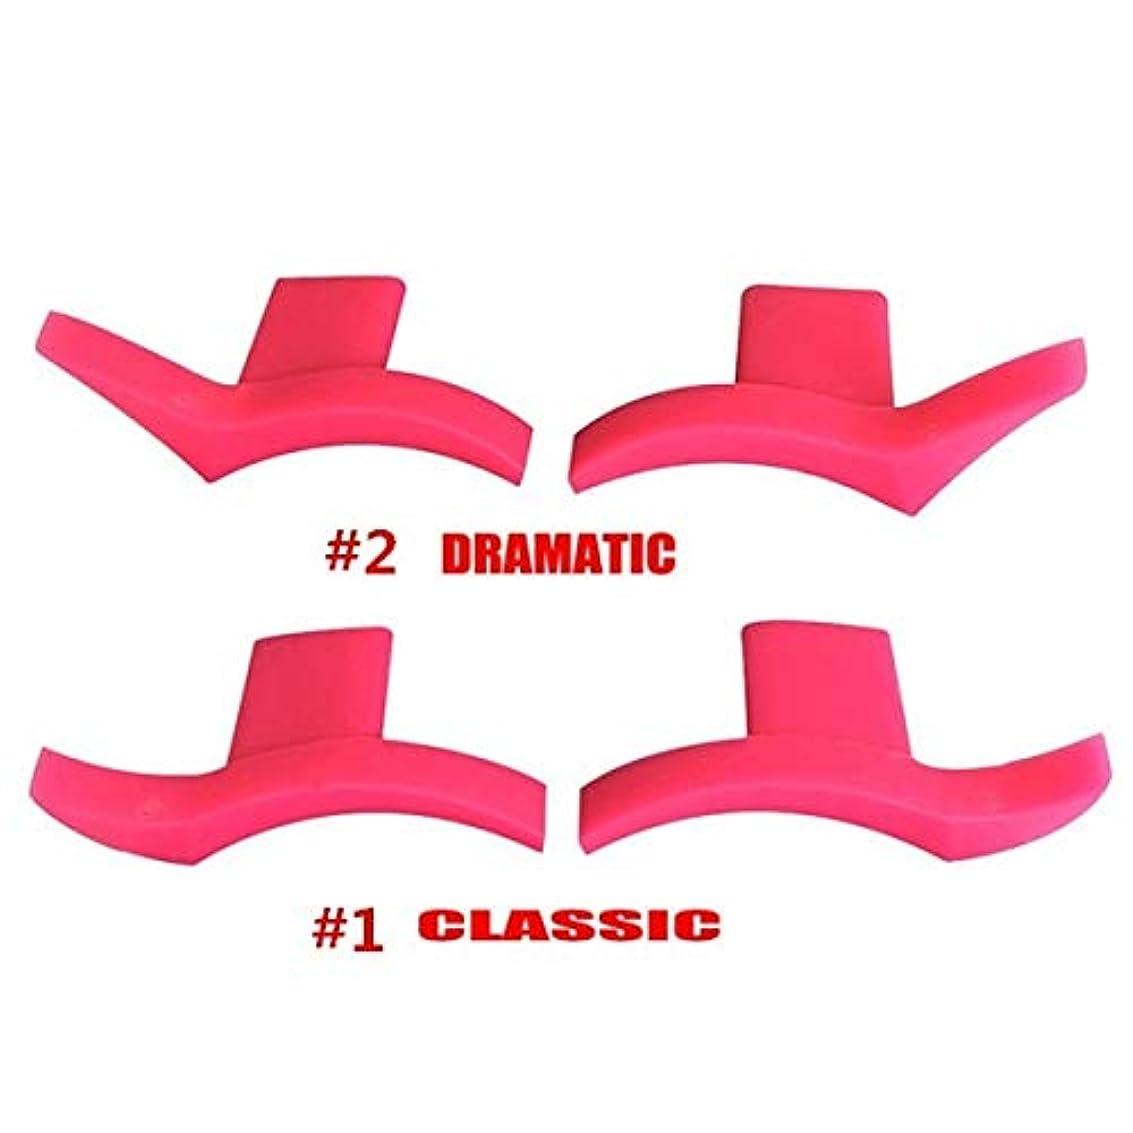 ステップパラシュート解明するSemperole - 4本アイライナー金型翼は目ウィングリキッドアイライナーツール美容ポータブル化粧品[劇的+クラシック]を着やすいスタンプシール